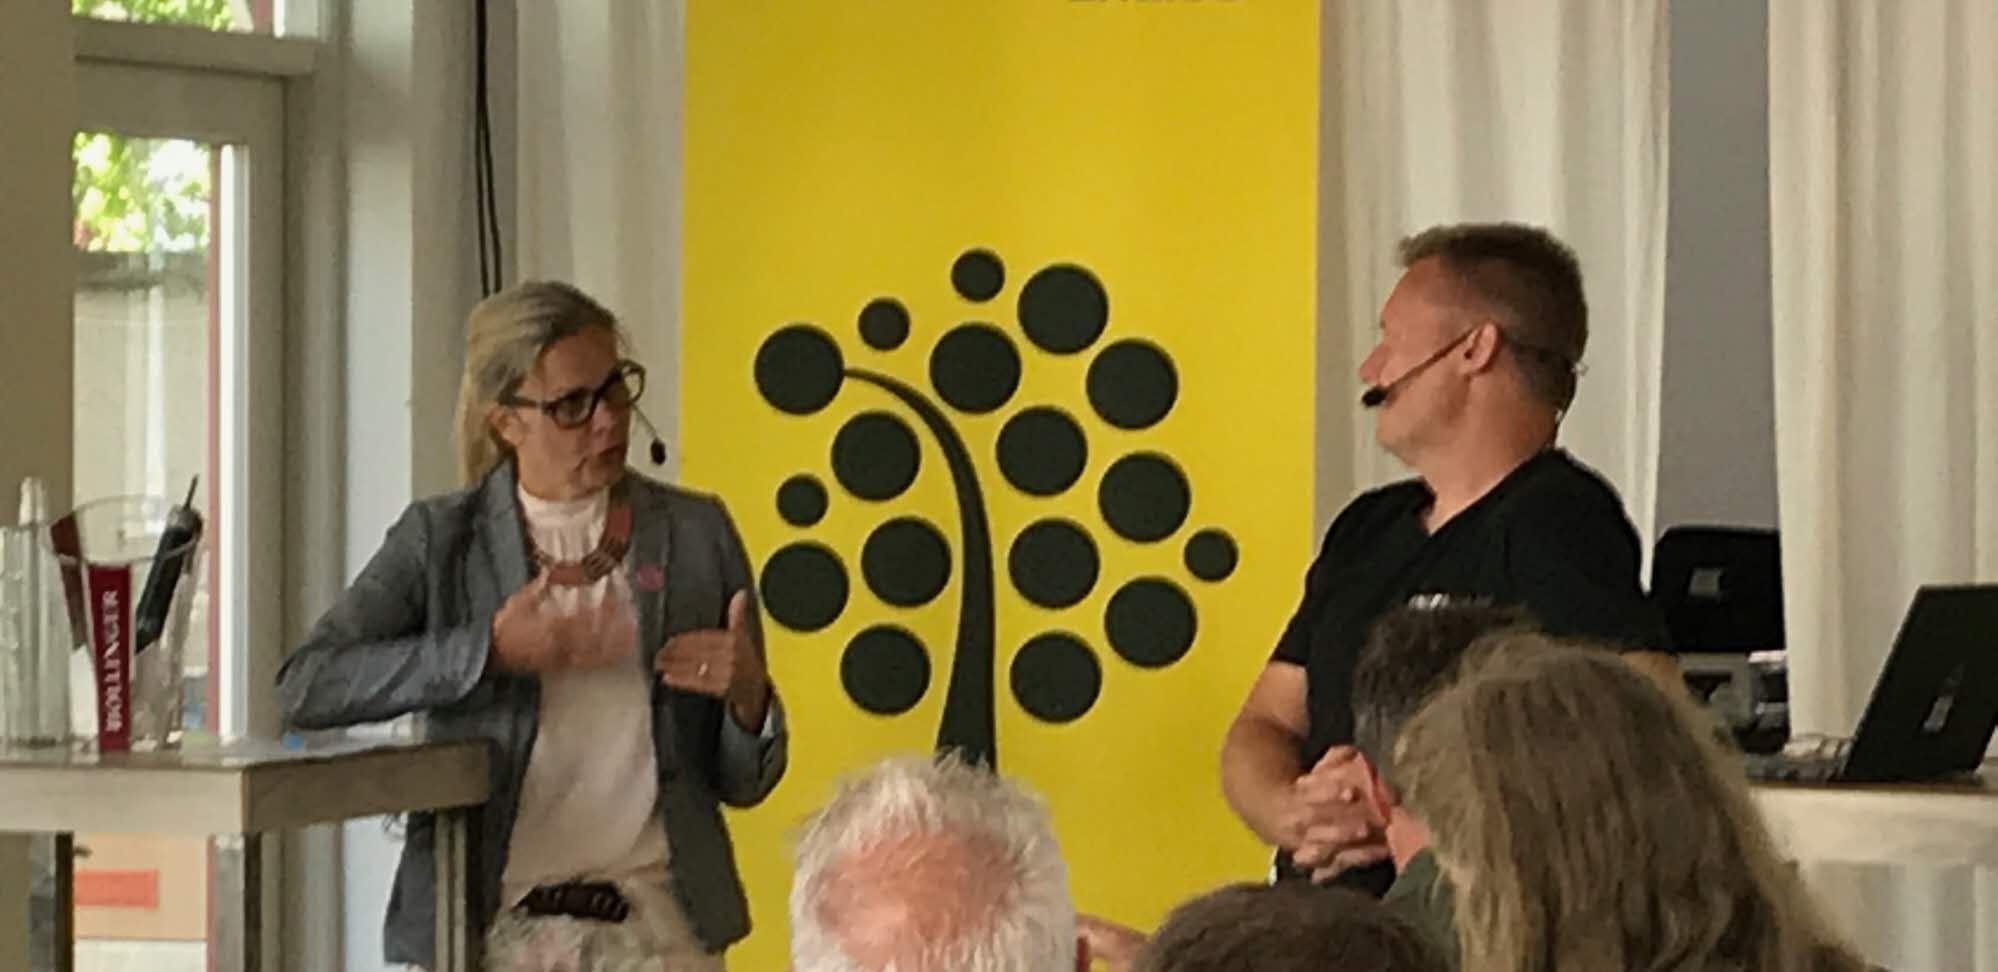 Lena Nitz, Polisförbundet, och Ola Kronkvist, Linnéuniversitetet